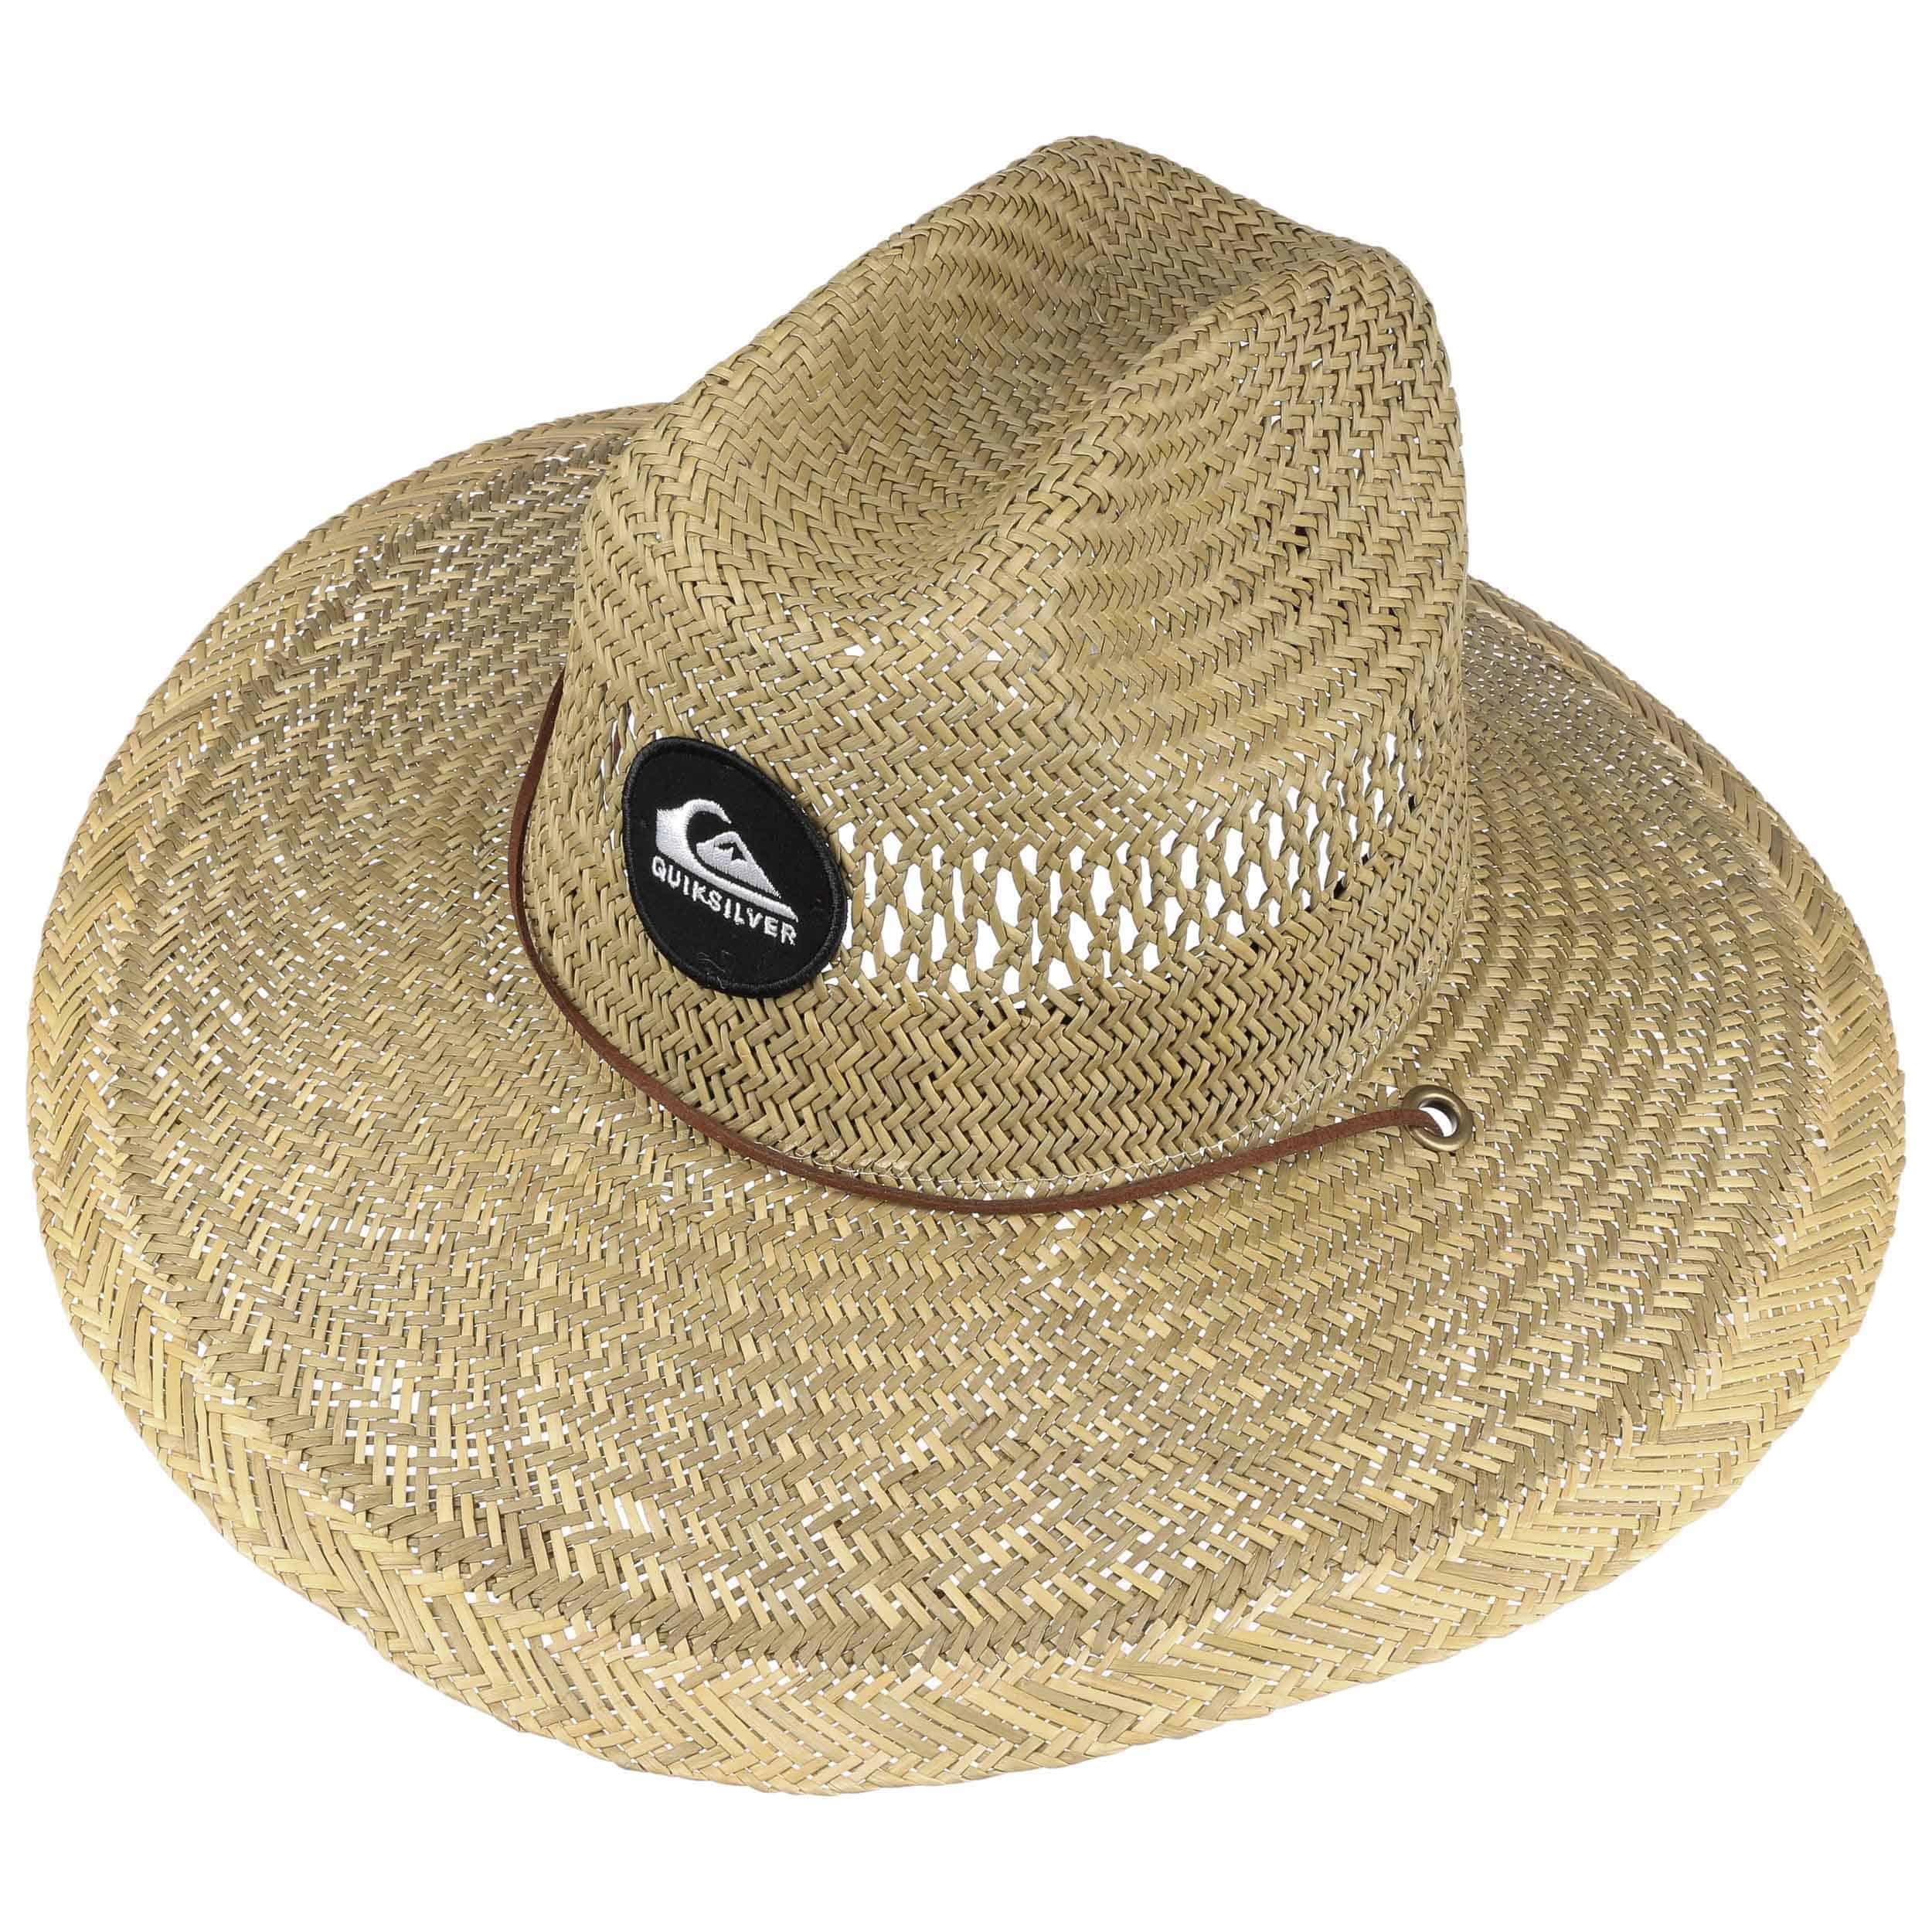 Sombrero de Paja Lifeguard Pierside by Quiksilver - Sombreros ... 1f3eb2504c6